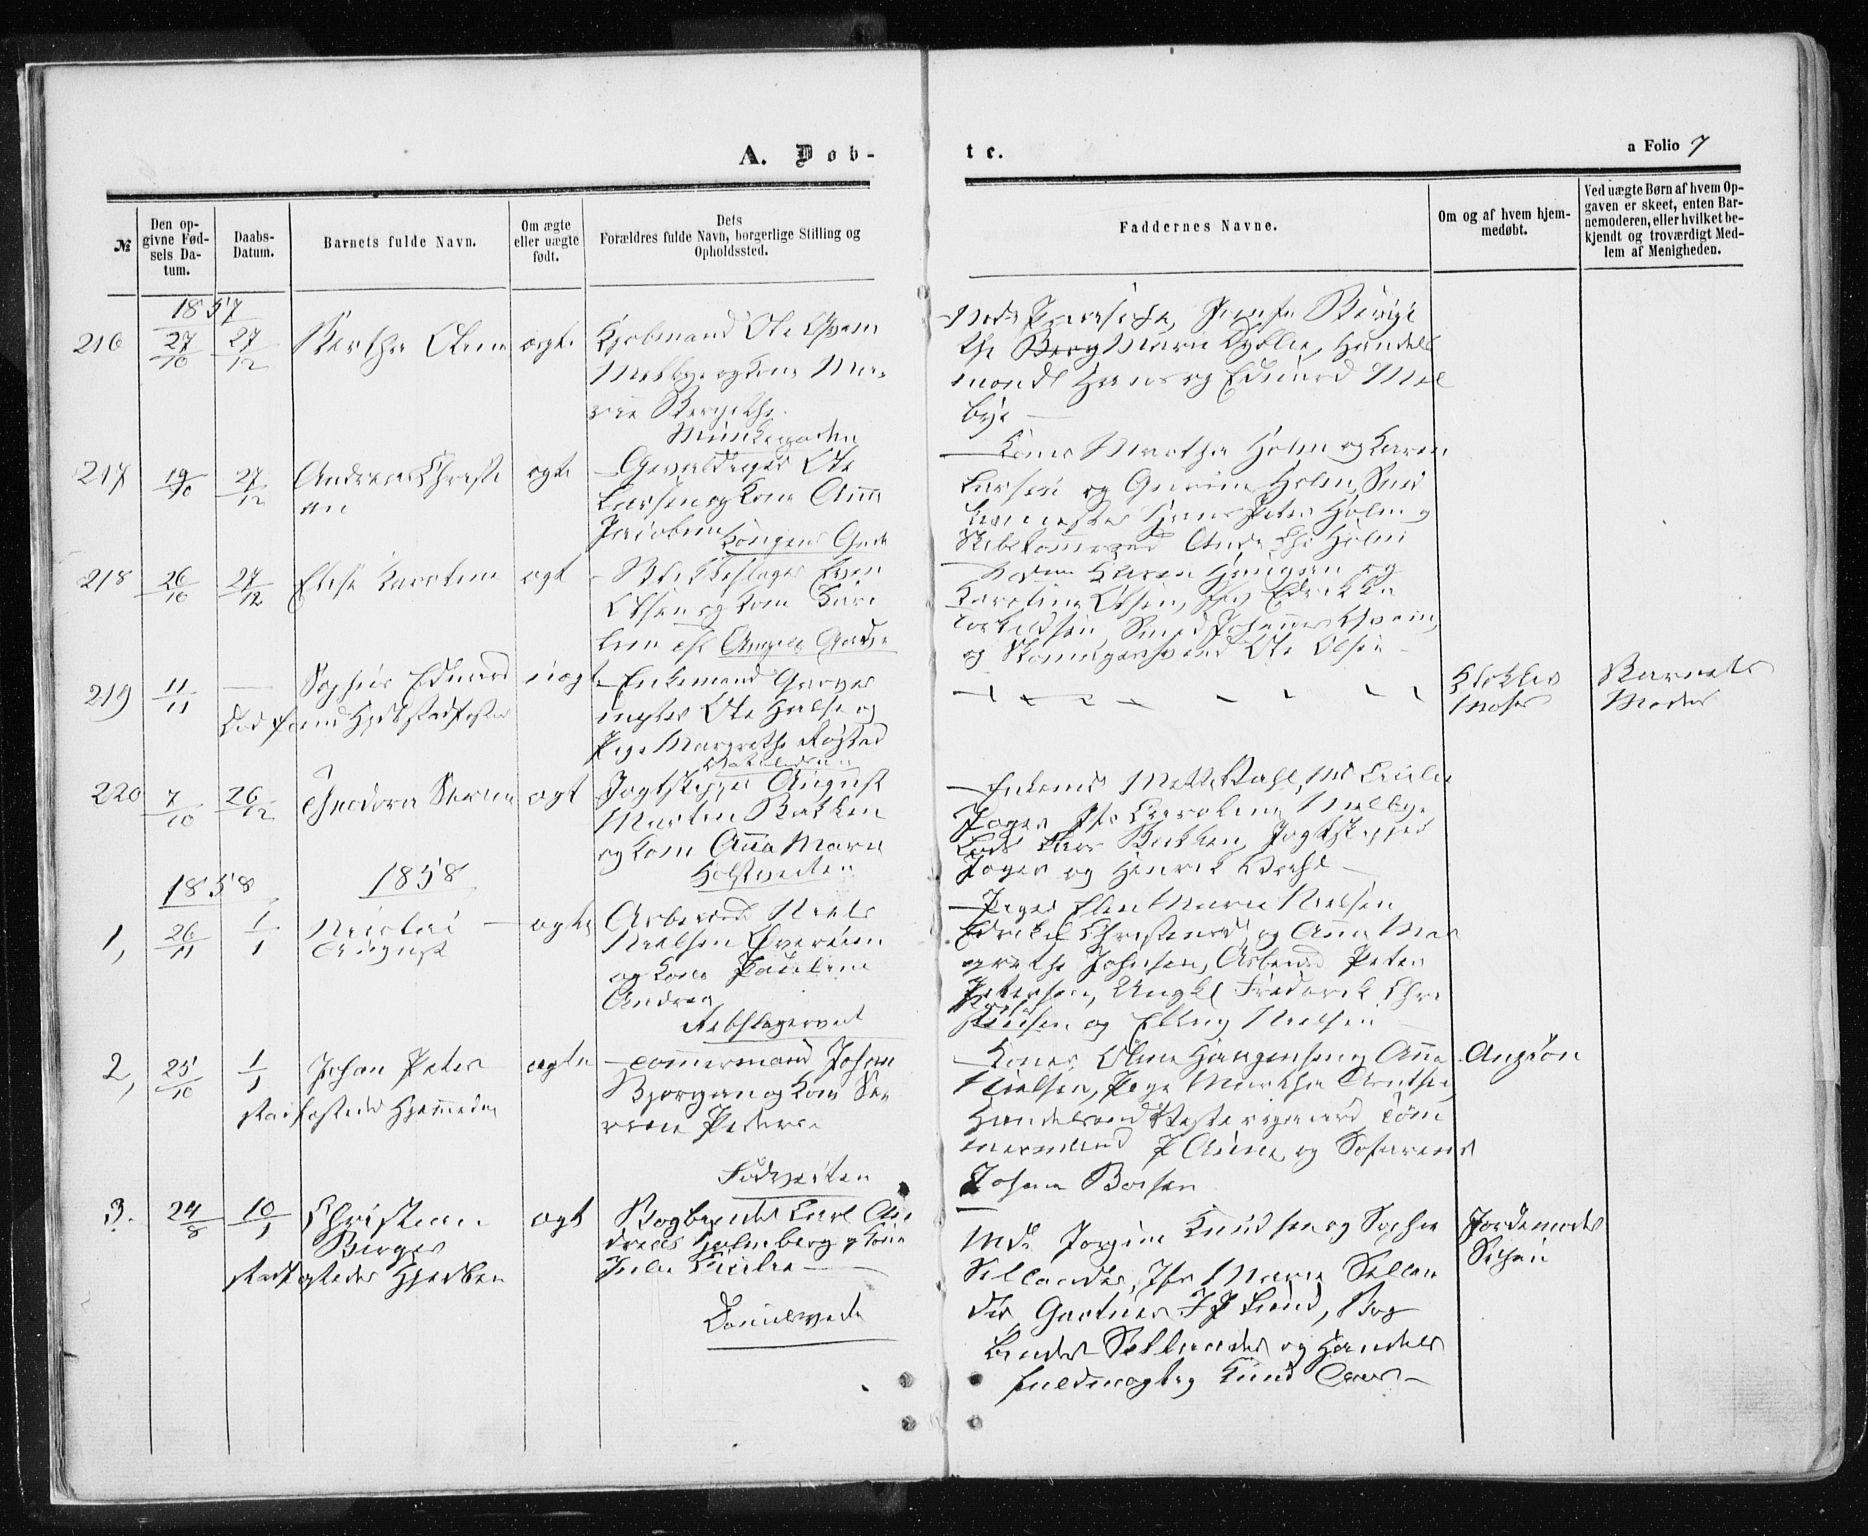 SAT, Ministerialprotokoller, klokkerbøker og fødselsregistre - Sør-Trøndelag, 601/L0053: Ministerialbok nr. 601A21, 1857-1865, s. 7